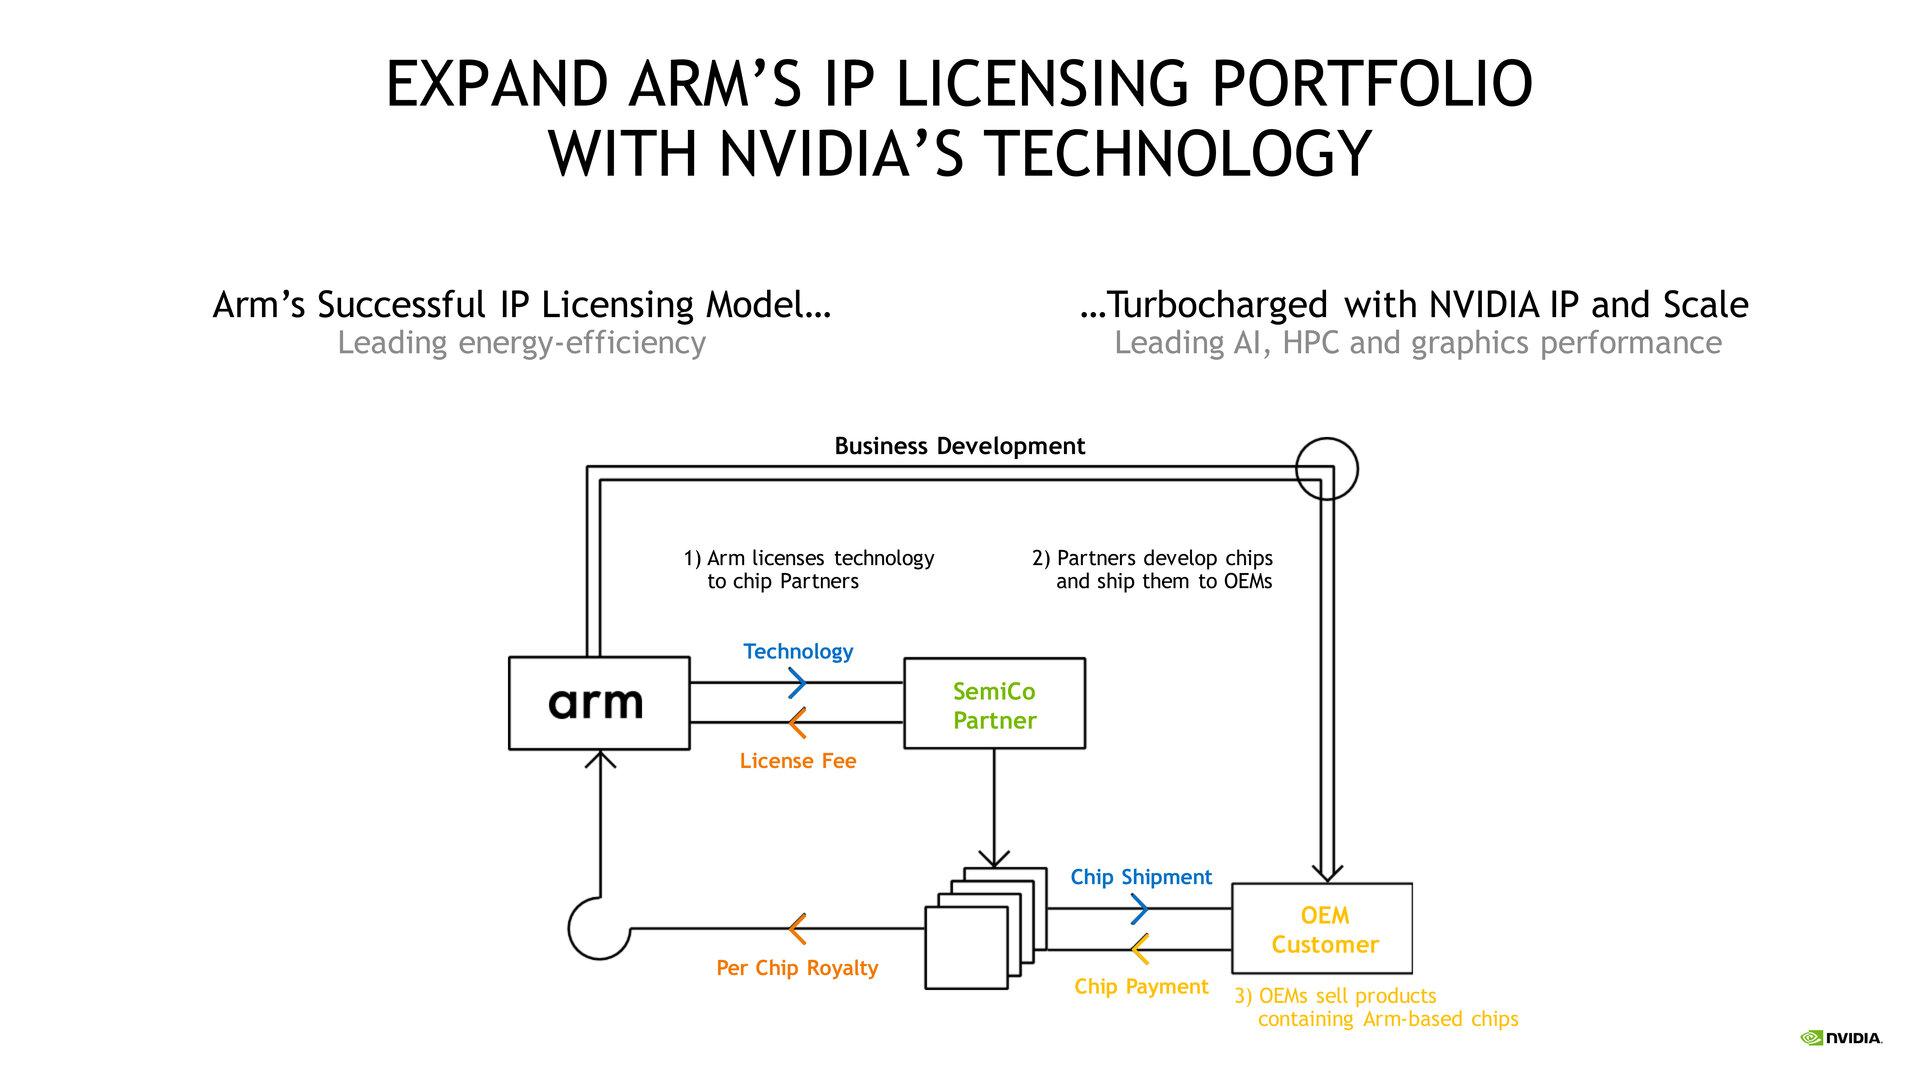 Das ARM-Lizenzmodell wird erweitert